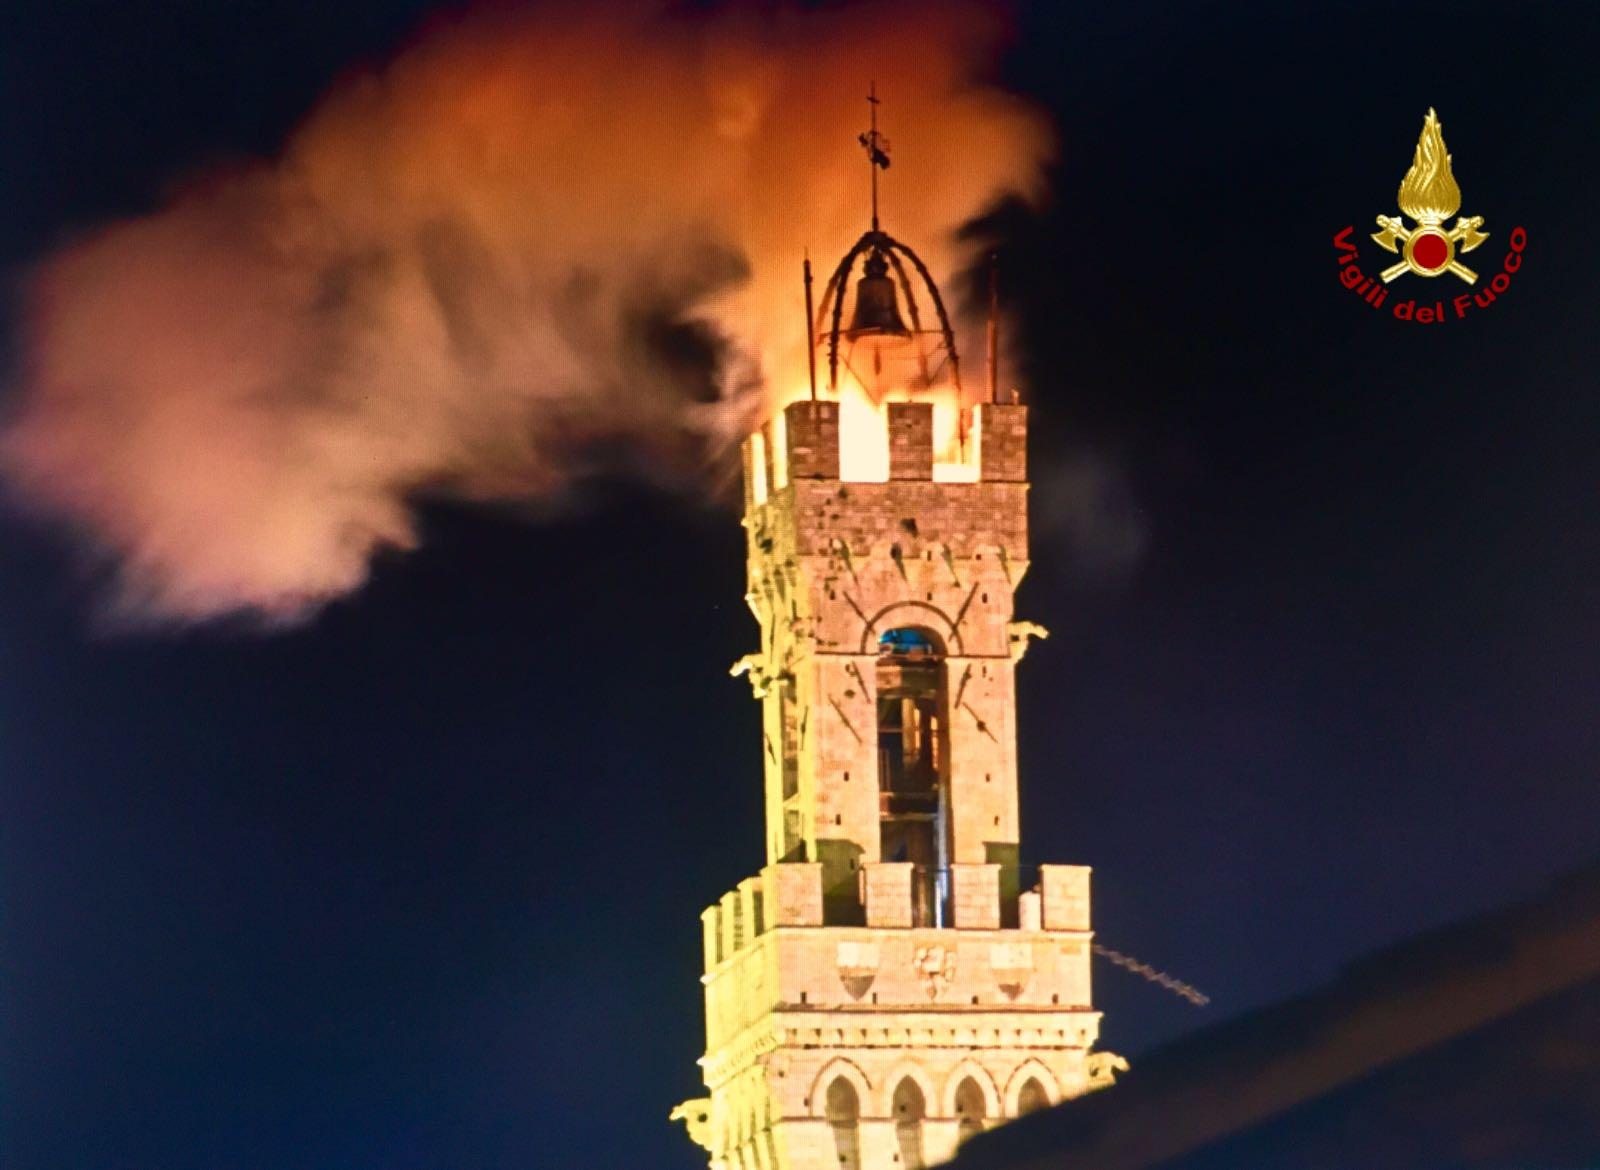 Paura a Siena, fuoco sulla Torre del Mangia